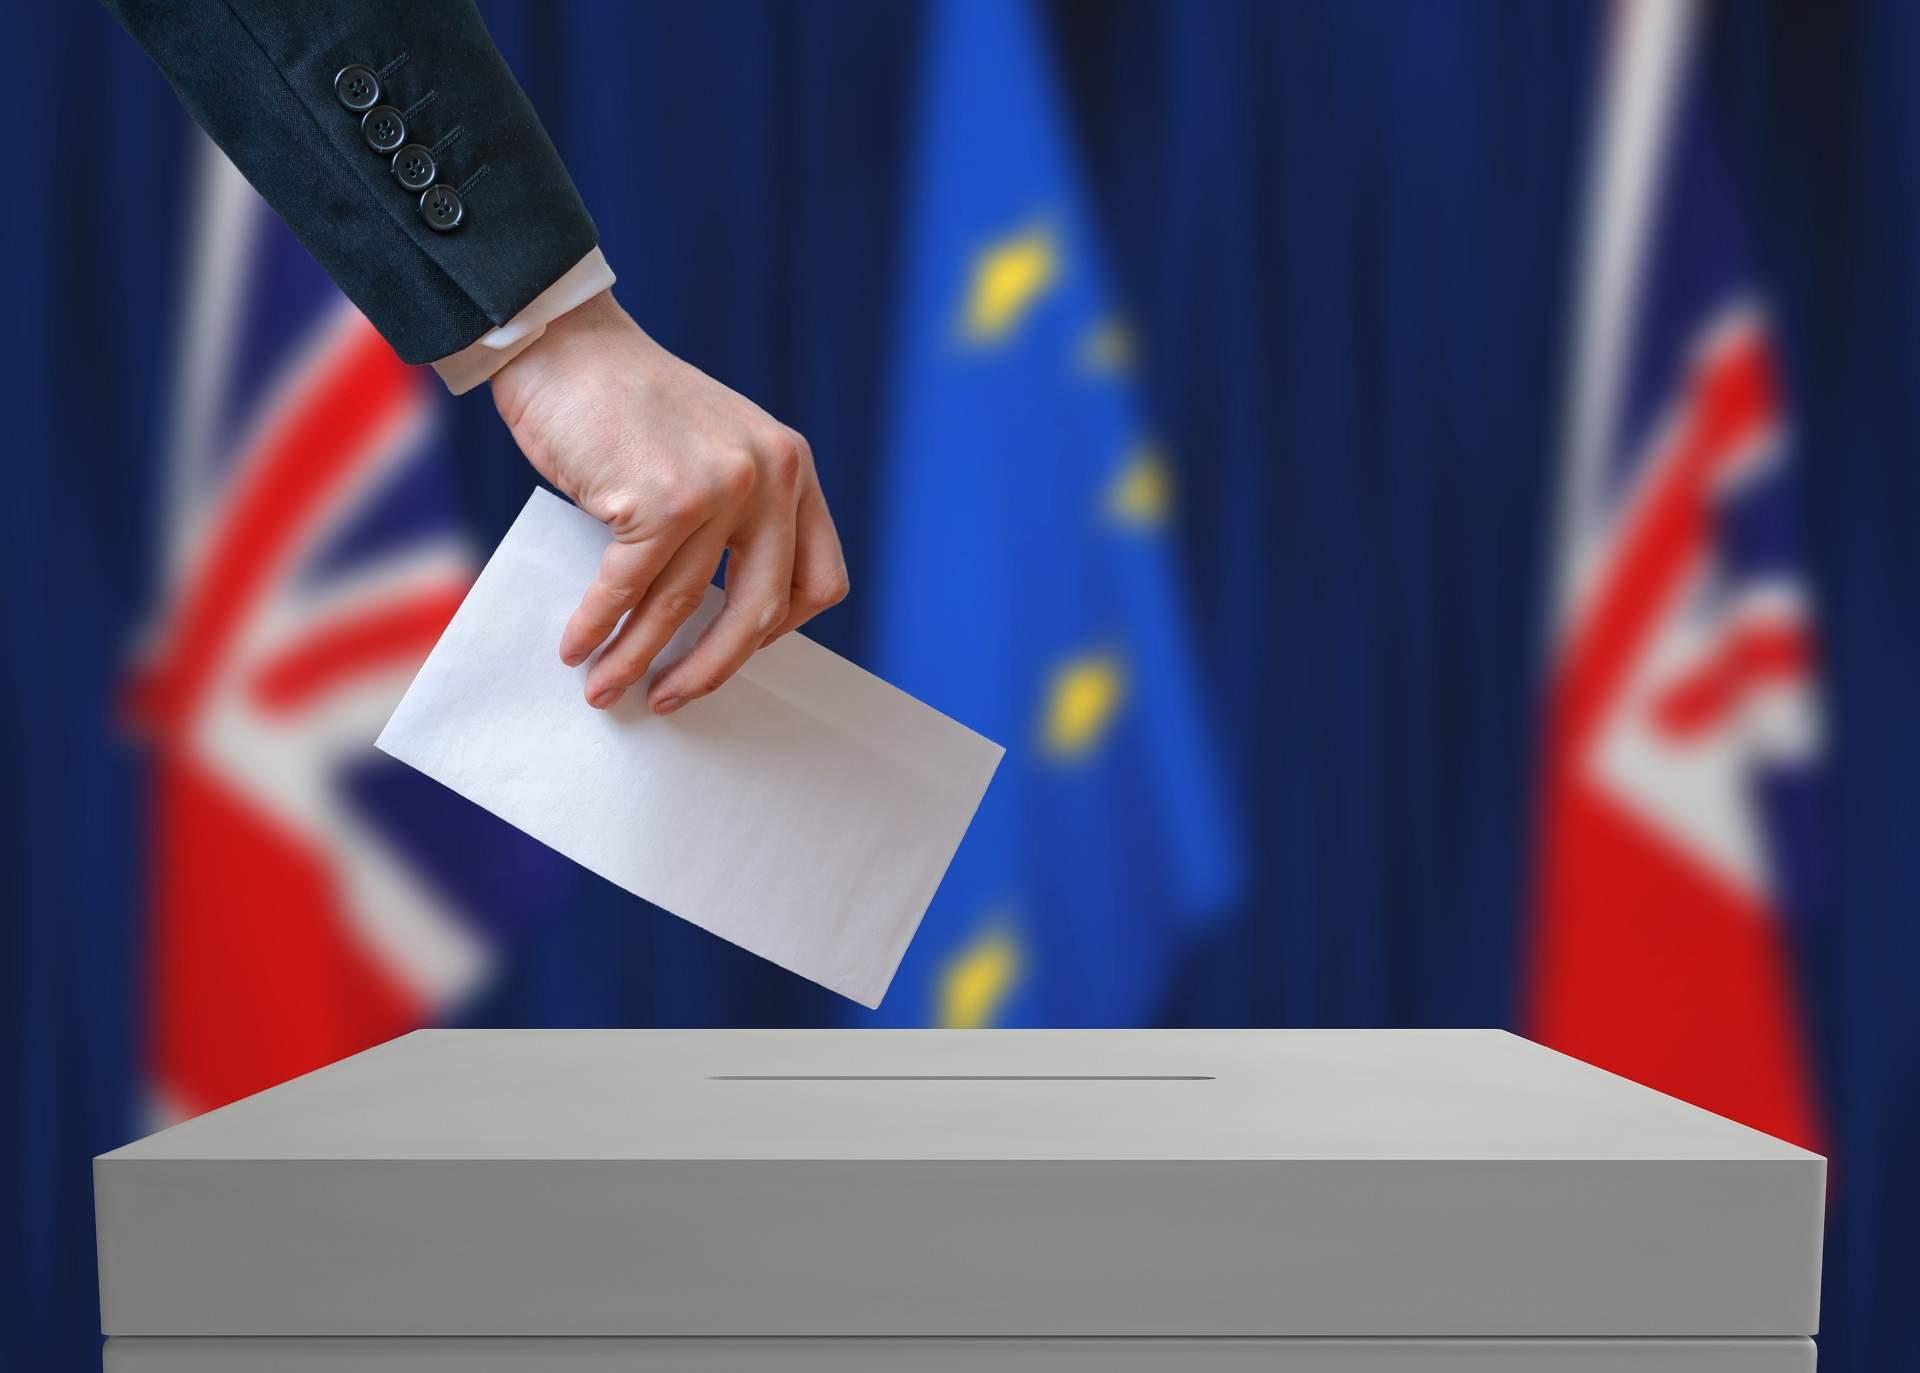 MPs debate Brexit Bill; Tech companies team up against Trump; Investors eye Apple earnings